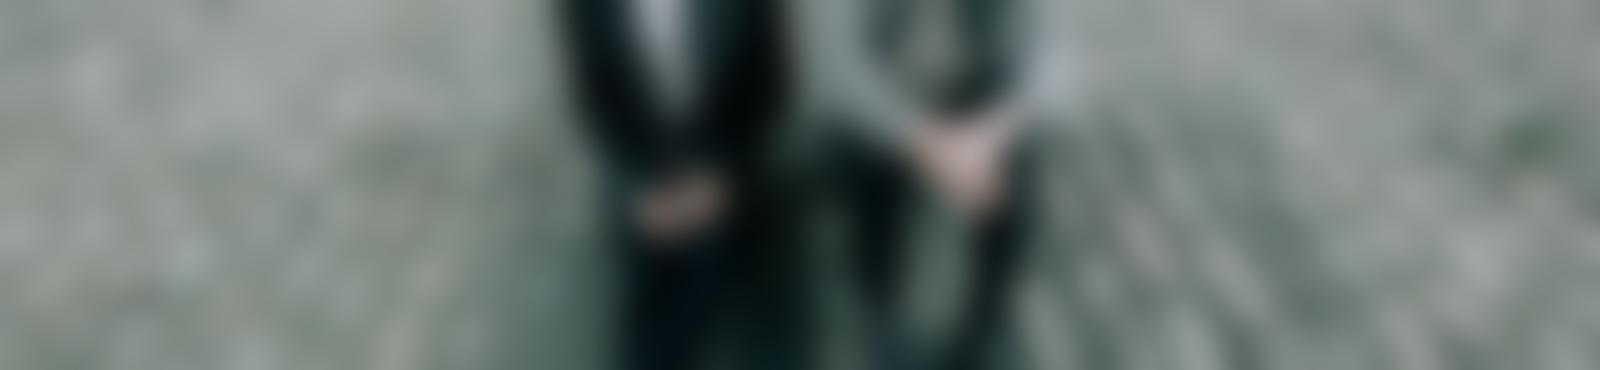 Blurred 07618432 d42b 44f6 82e1 03dc61c3a4d2